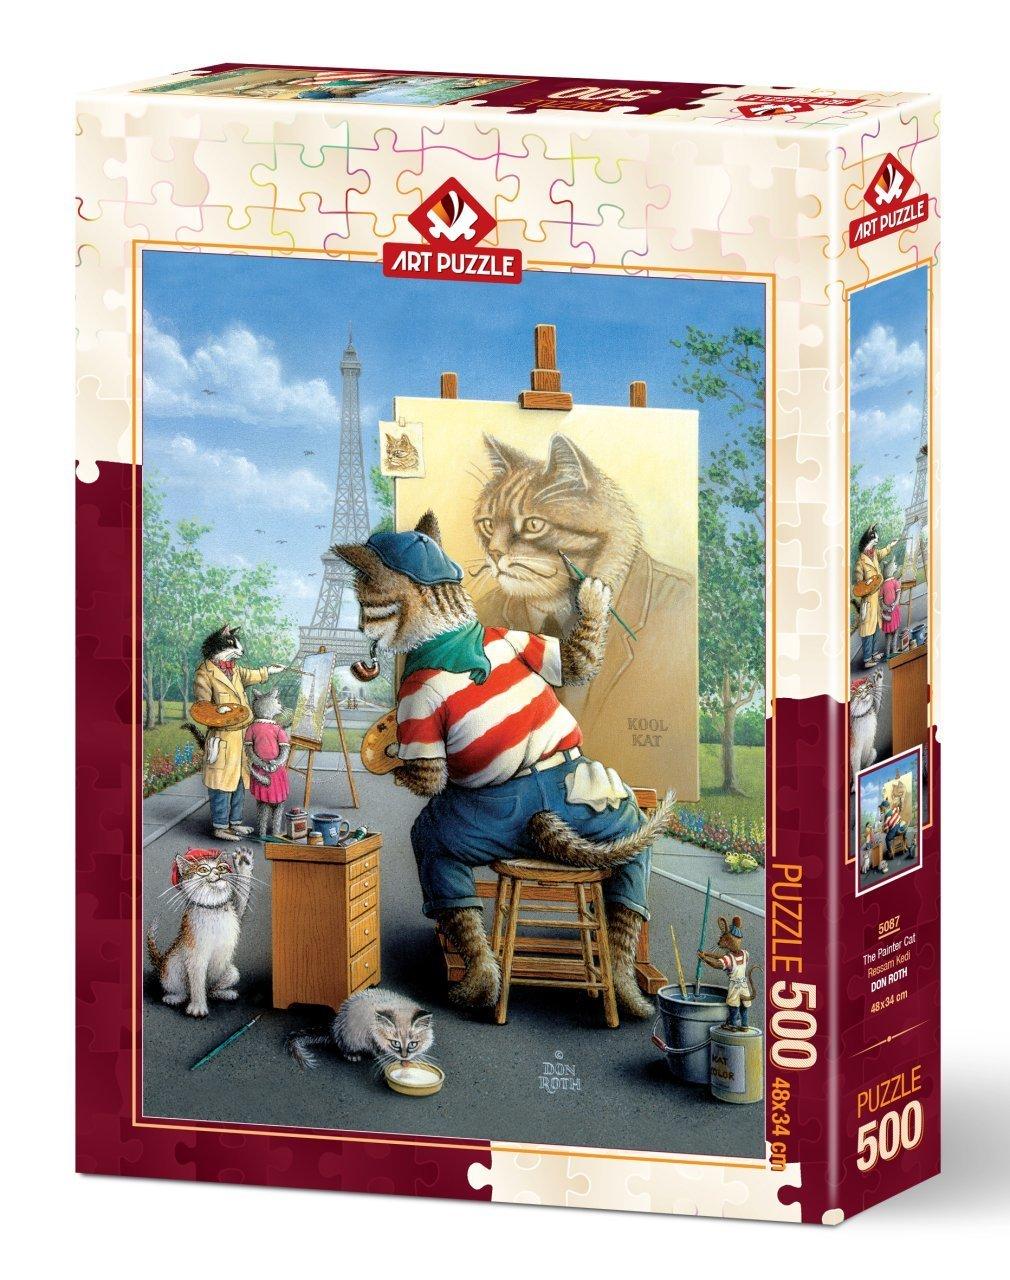 Puzzle Art Puzzle El Gato Pintor de 500 Piezas